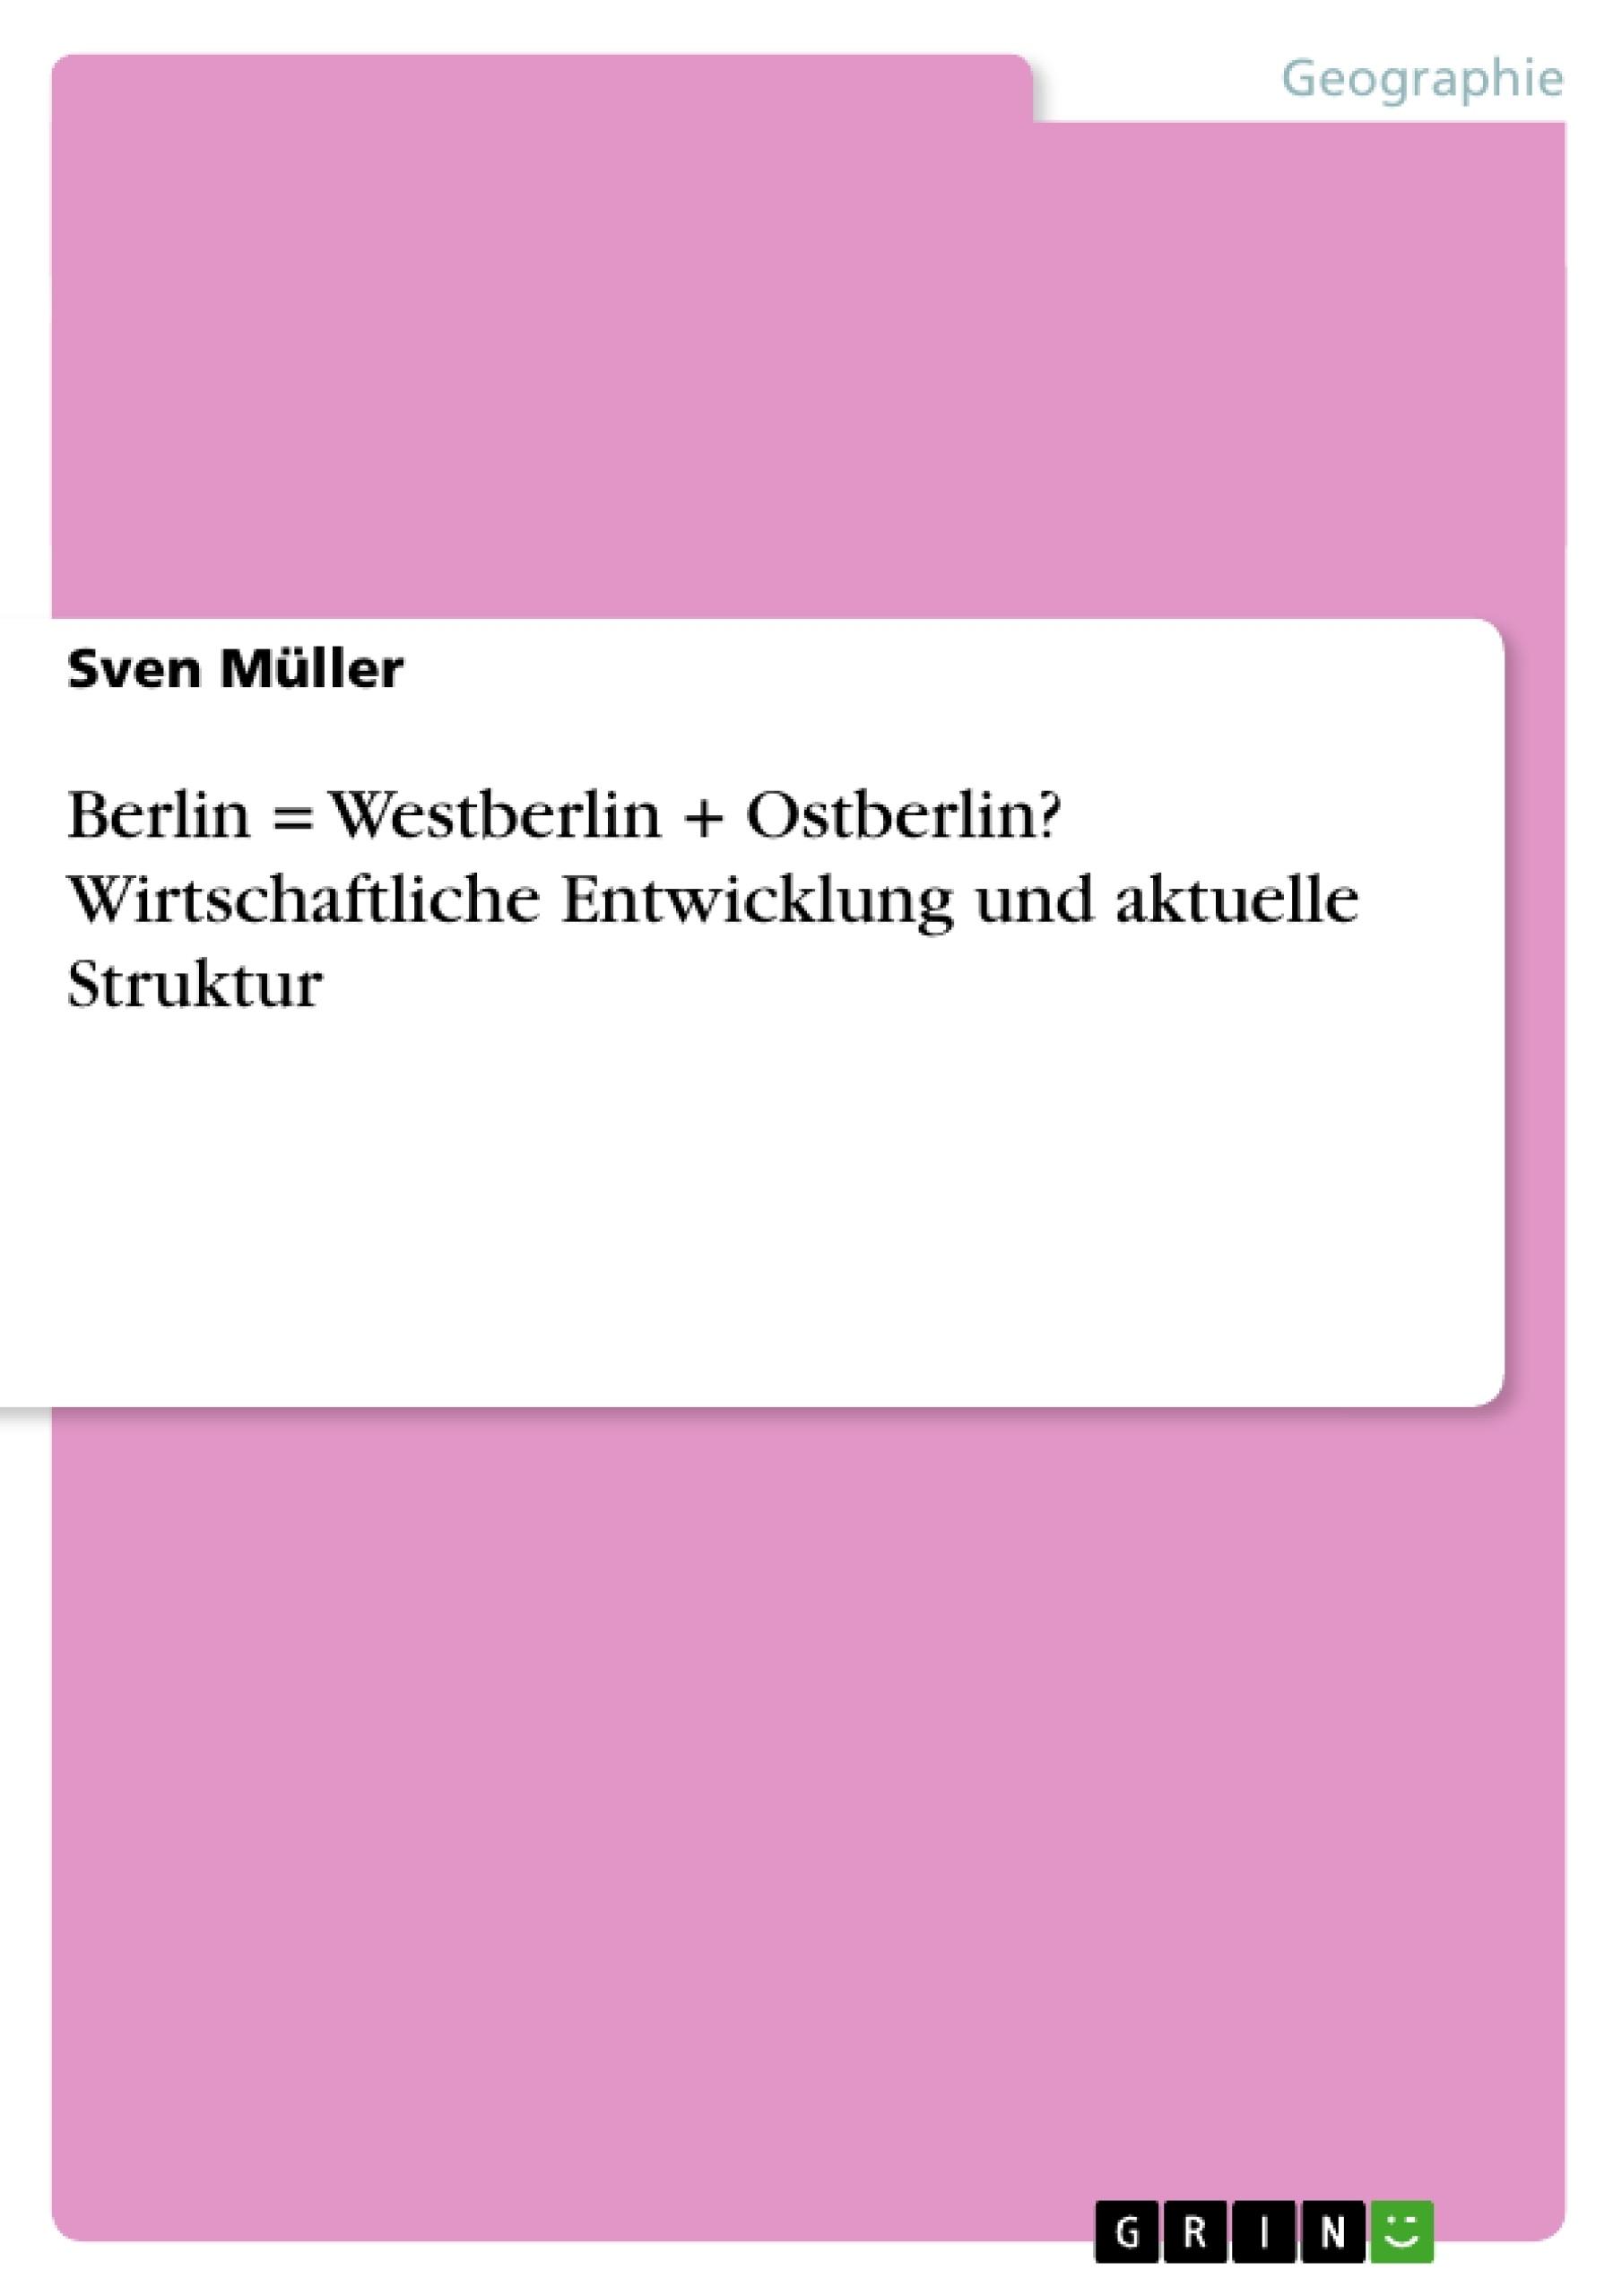 Titel: Berlin = Westberlin + Ostberlin? Wirtschaftliche Entwicklung und aktuelle Struktur